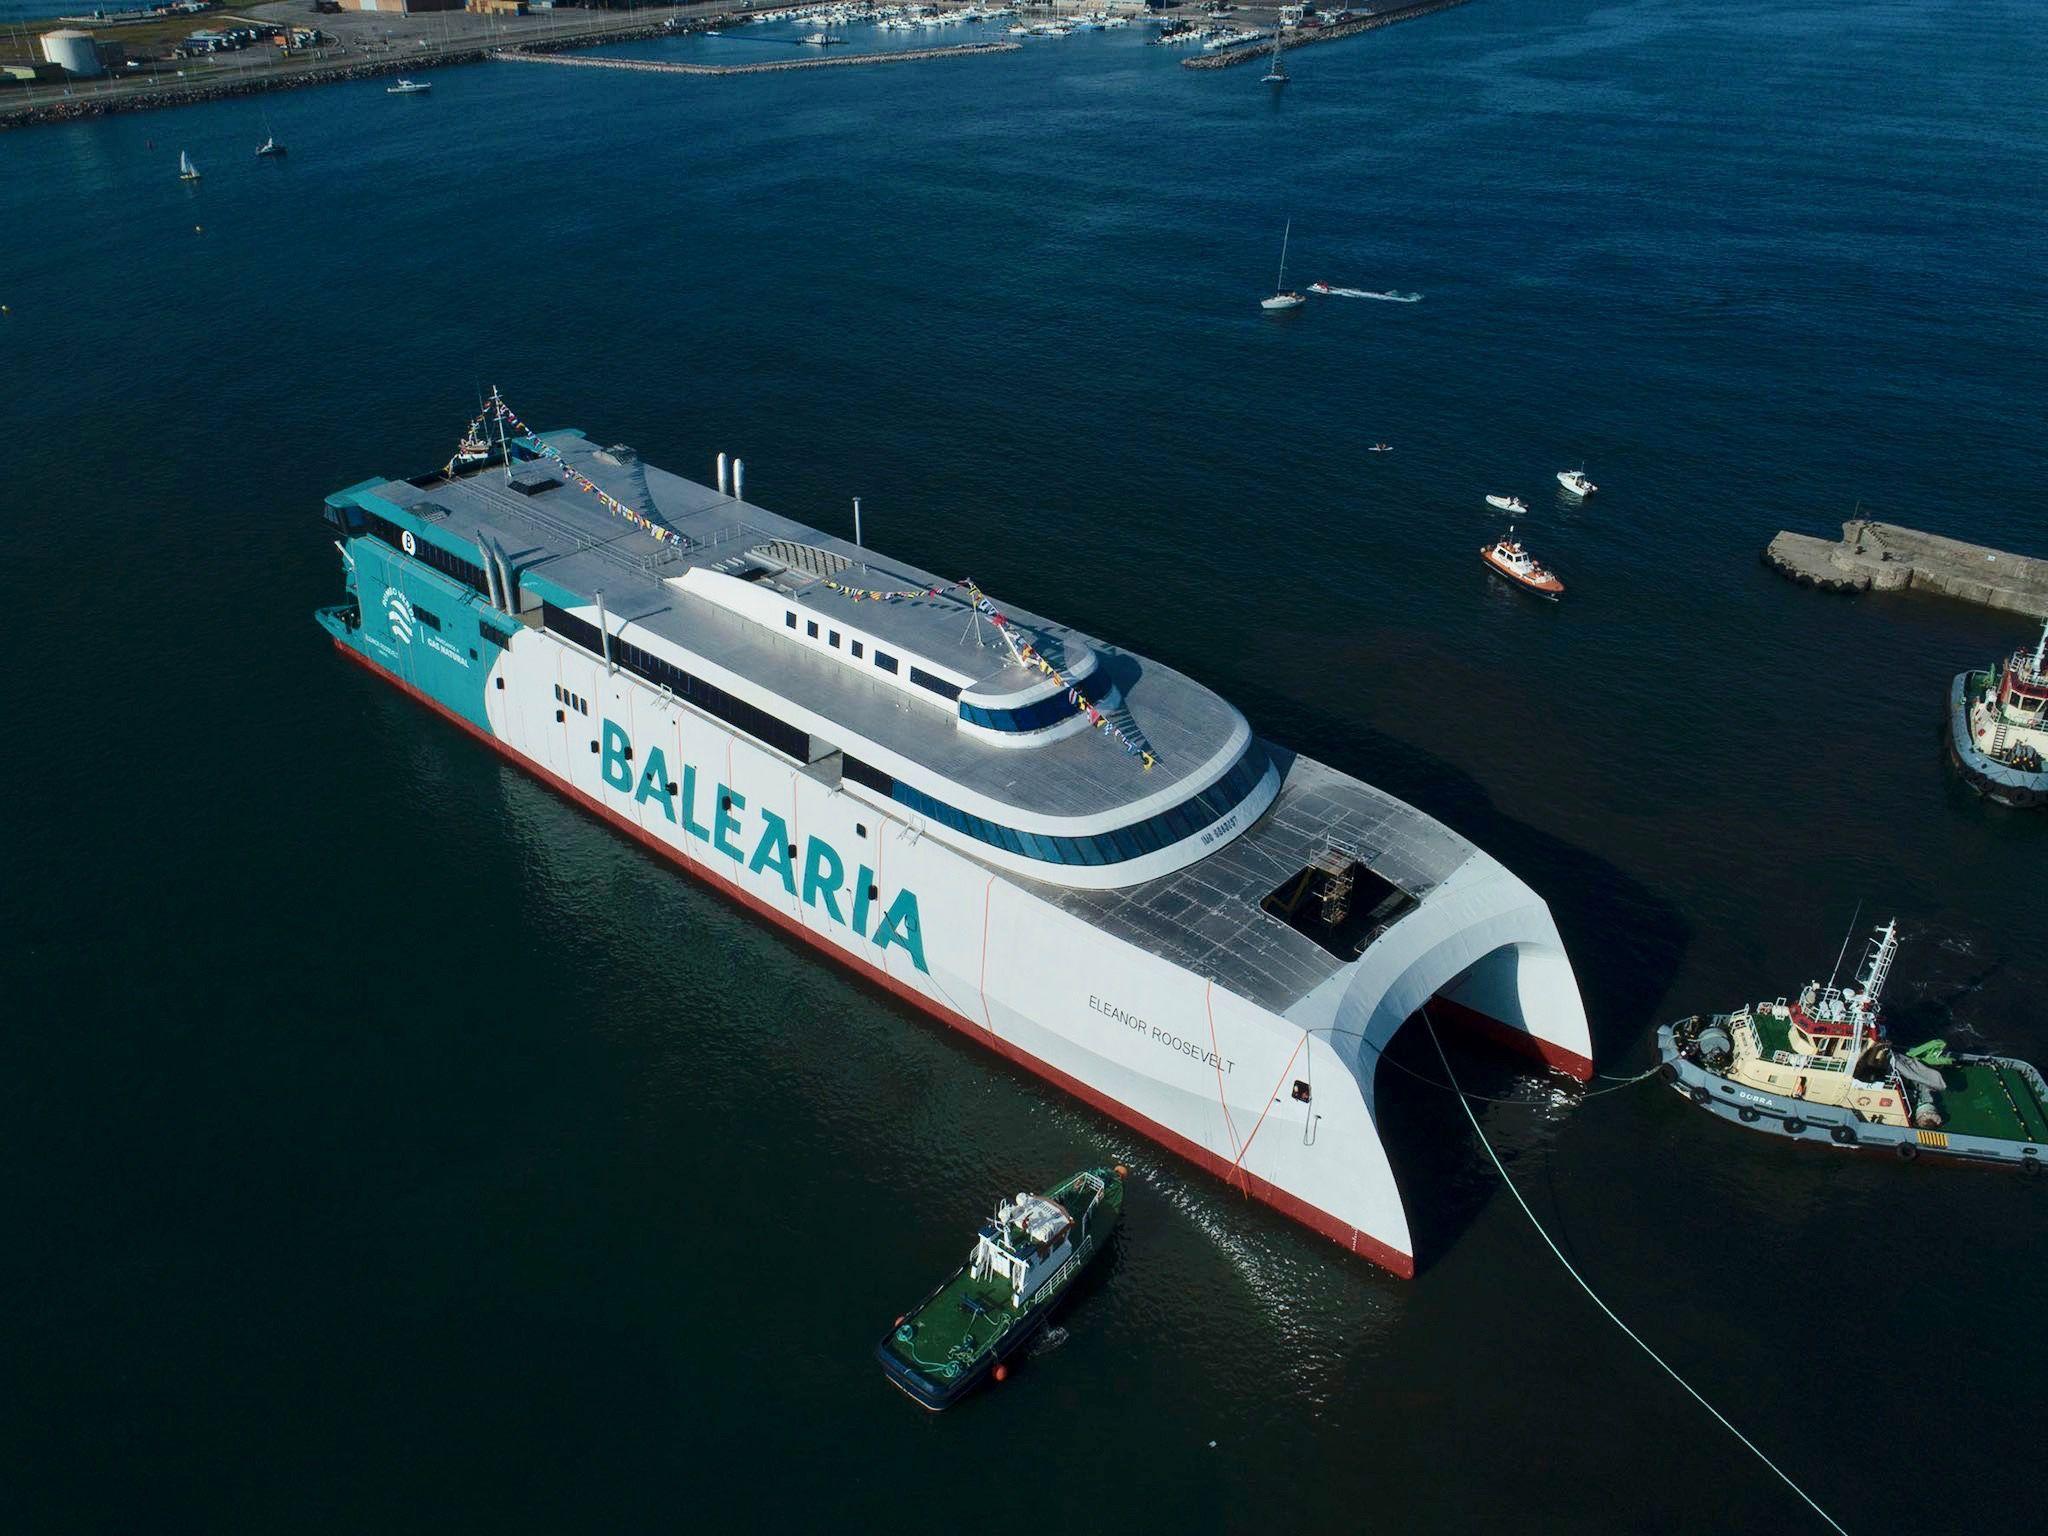 El nuevo buque tiene licencia Incat